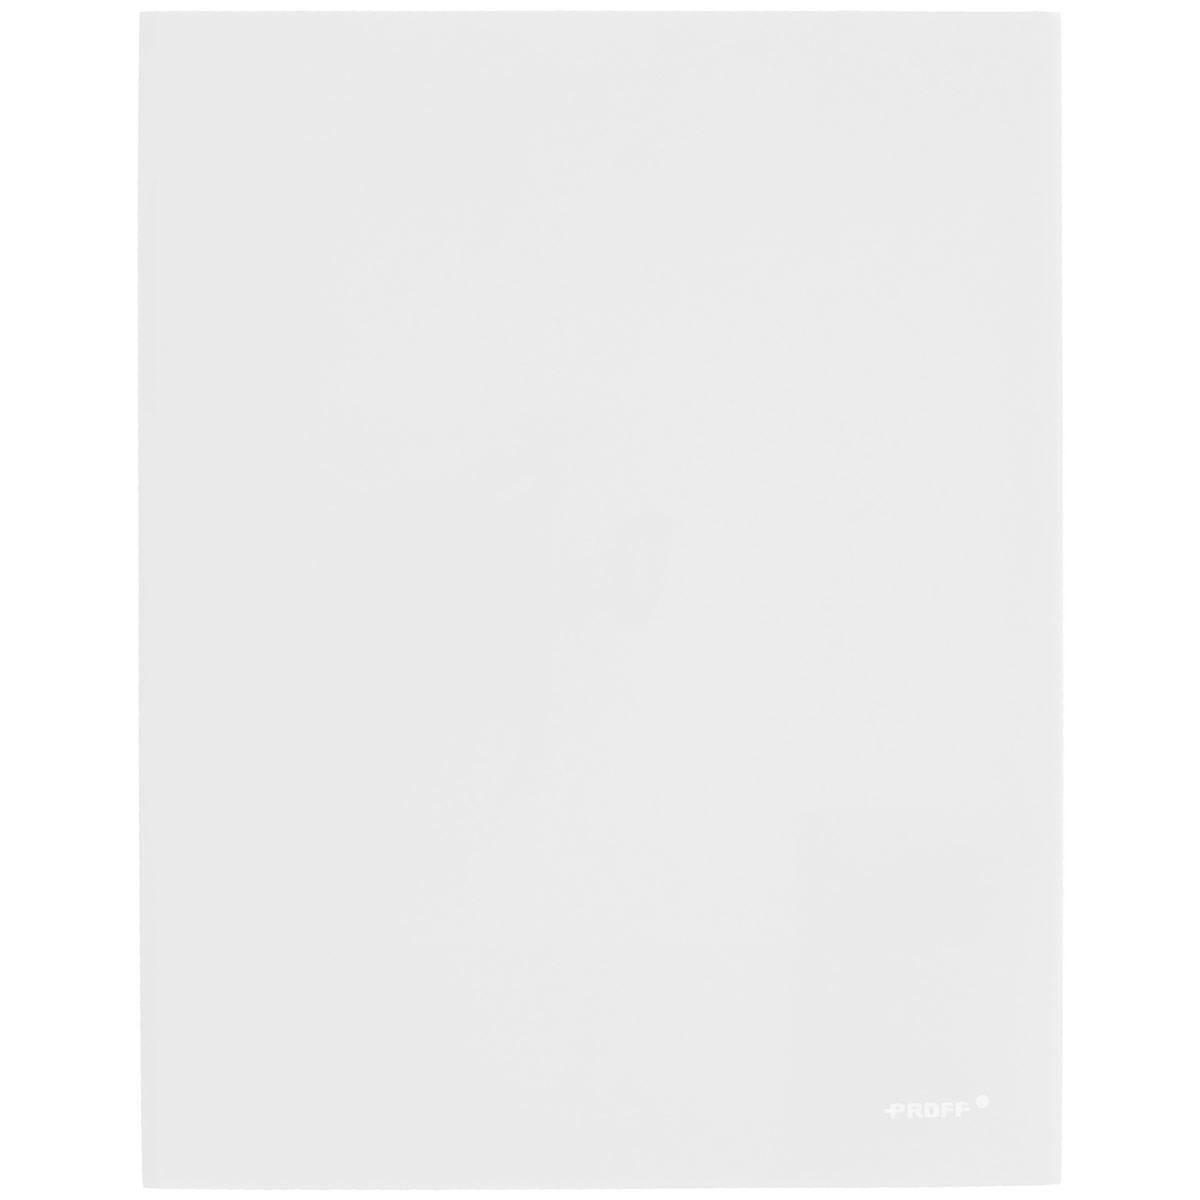 Папка-уголок Proff, цвет: прозрачный, 2 клапана. Формат А42010440Папка-уголок Proff, изготовленная из высококачественного полипропилена, это удобный и практичный офисный инструмент, предназначенный для хранения и транспортировки рабочих бумаг и документов формата А4. Полупрозрачная папка оснащена двумя клапана внутри для надежного удержания бумаг. Папка-уголок - это незаменимый атрибут для студента, школьника, офисного работника. Такая папка надежно сохранит ваши документы и сбережет их от повреждений, пыли и влаги.